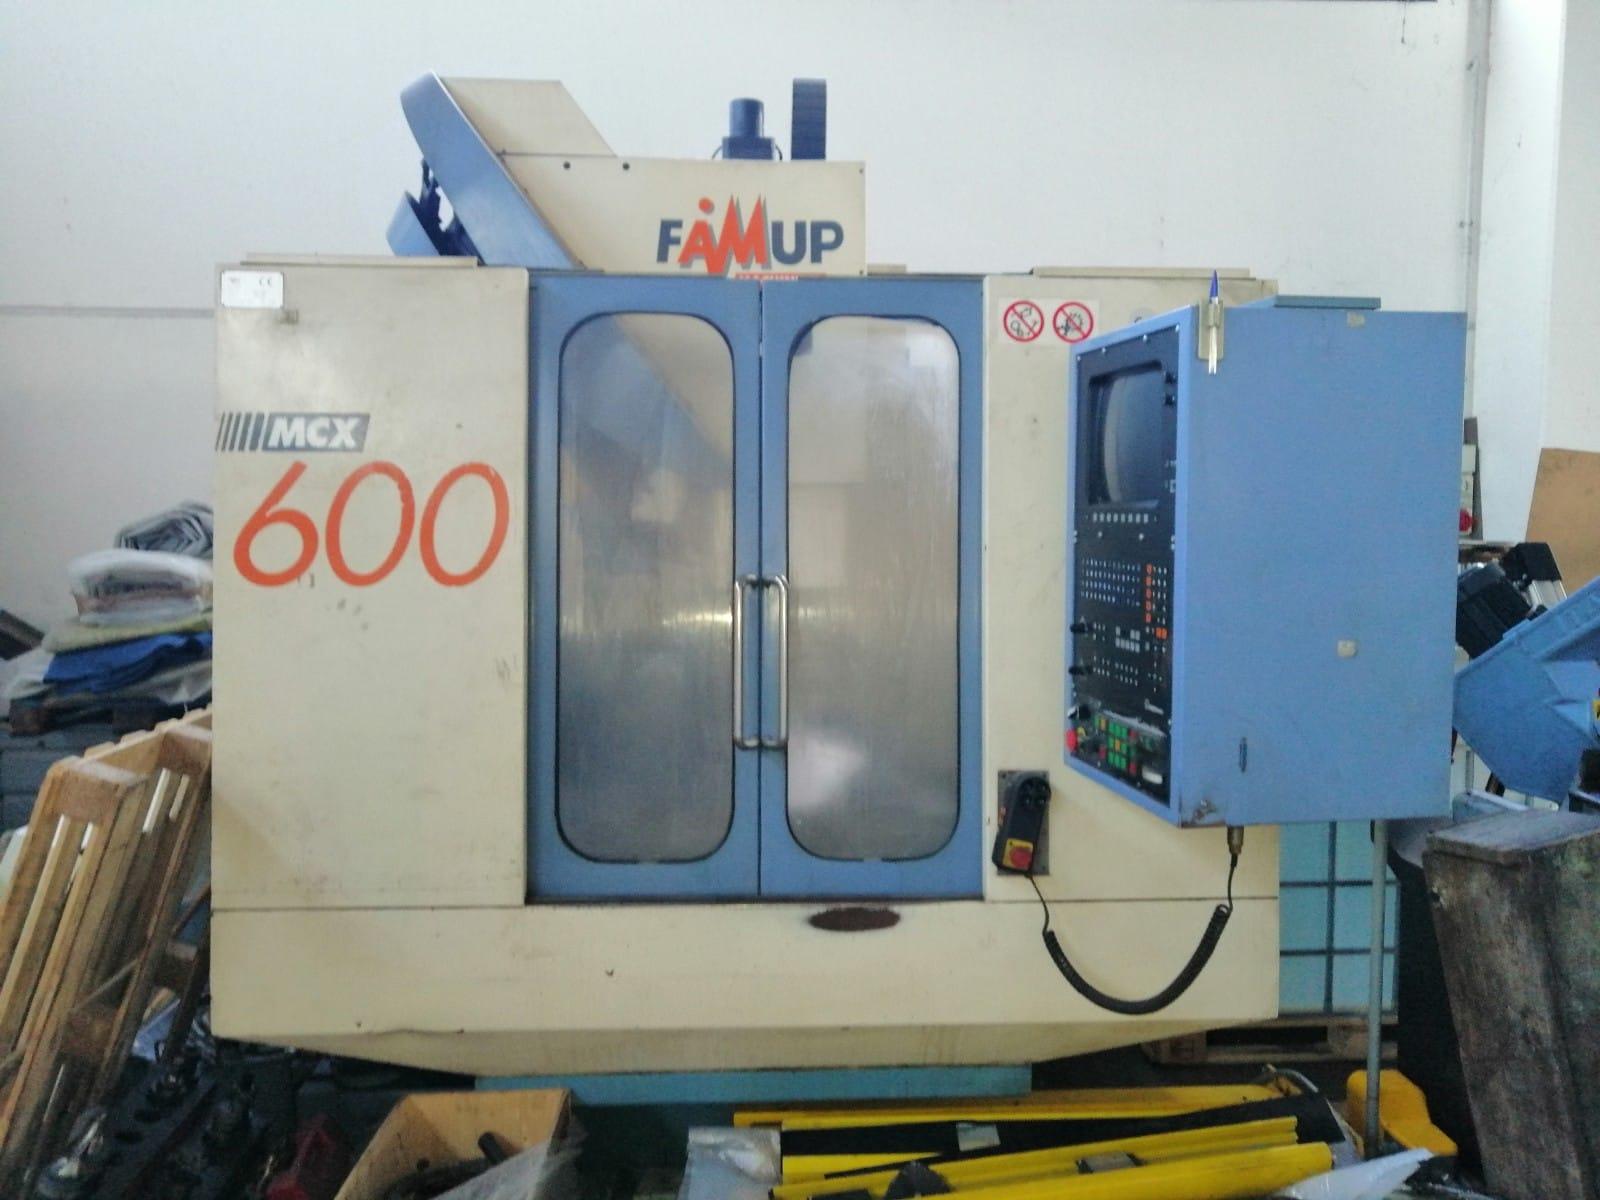 CENTRO LAVORO USATO – FAMUP - MODELLO MCX 600 in vendita - foto 1